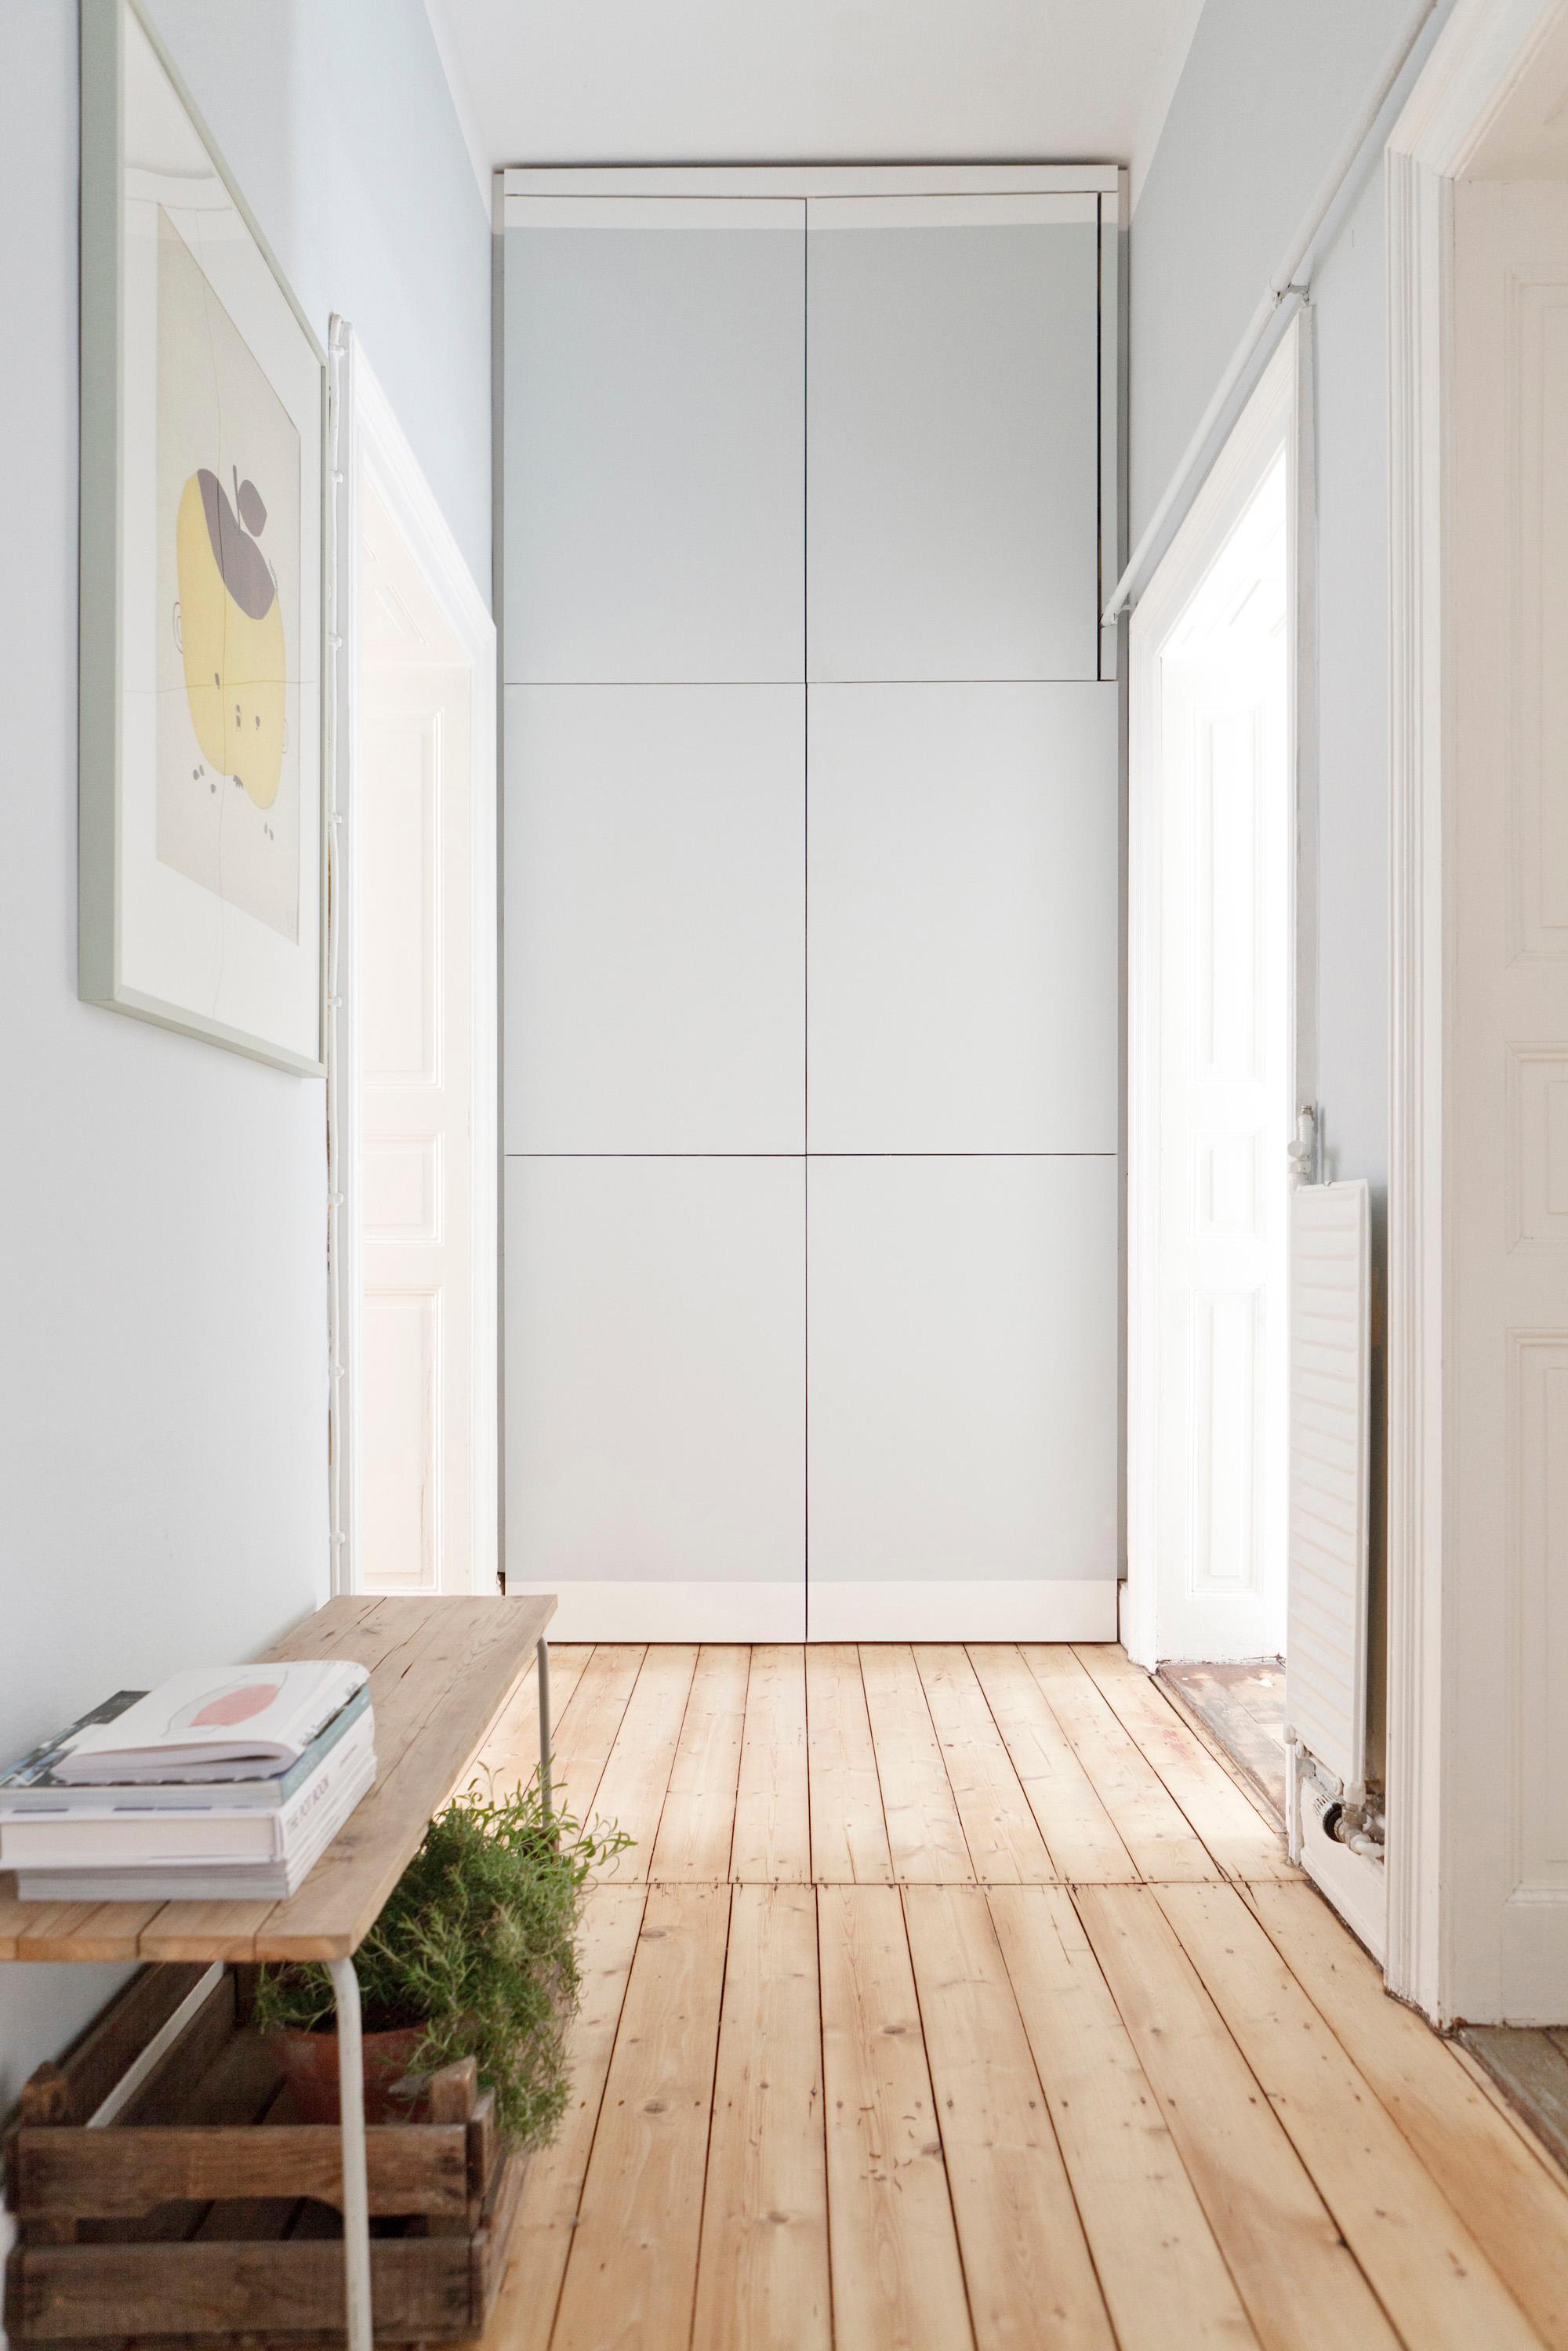 einbauschrankflur bilder ideen couchstyle. Black Bedroom Furniture Sets. Home Design Ideas